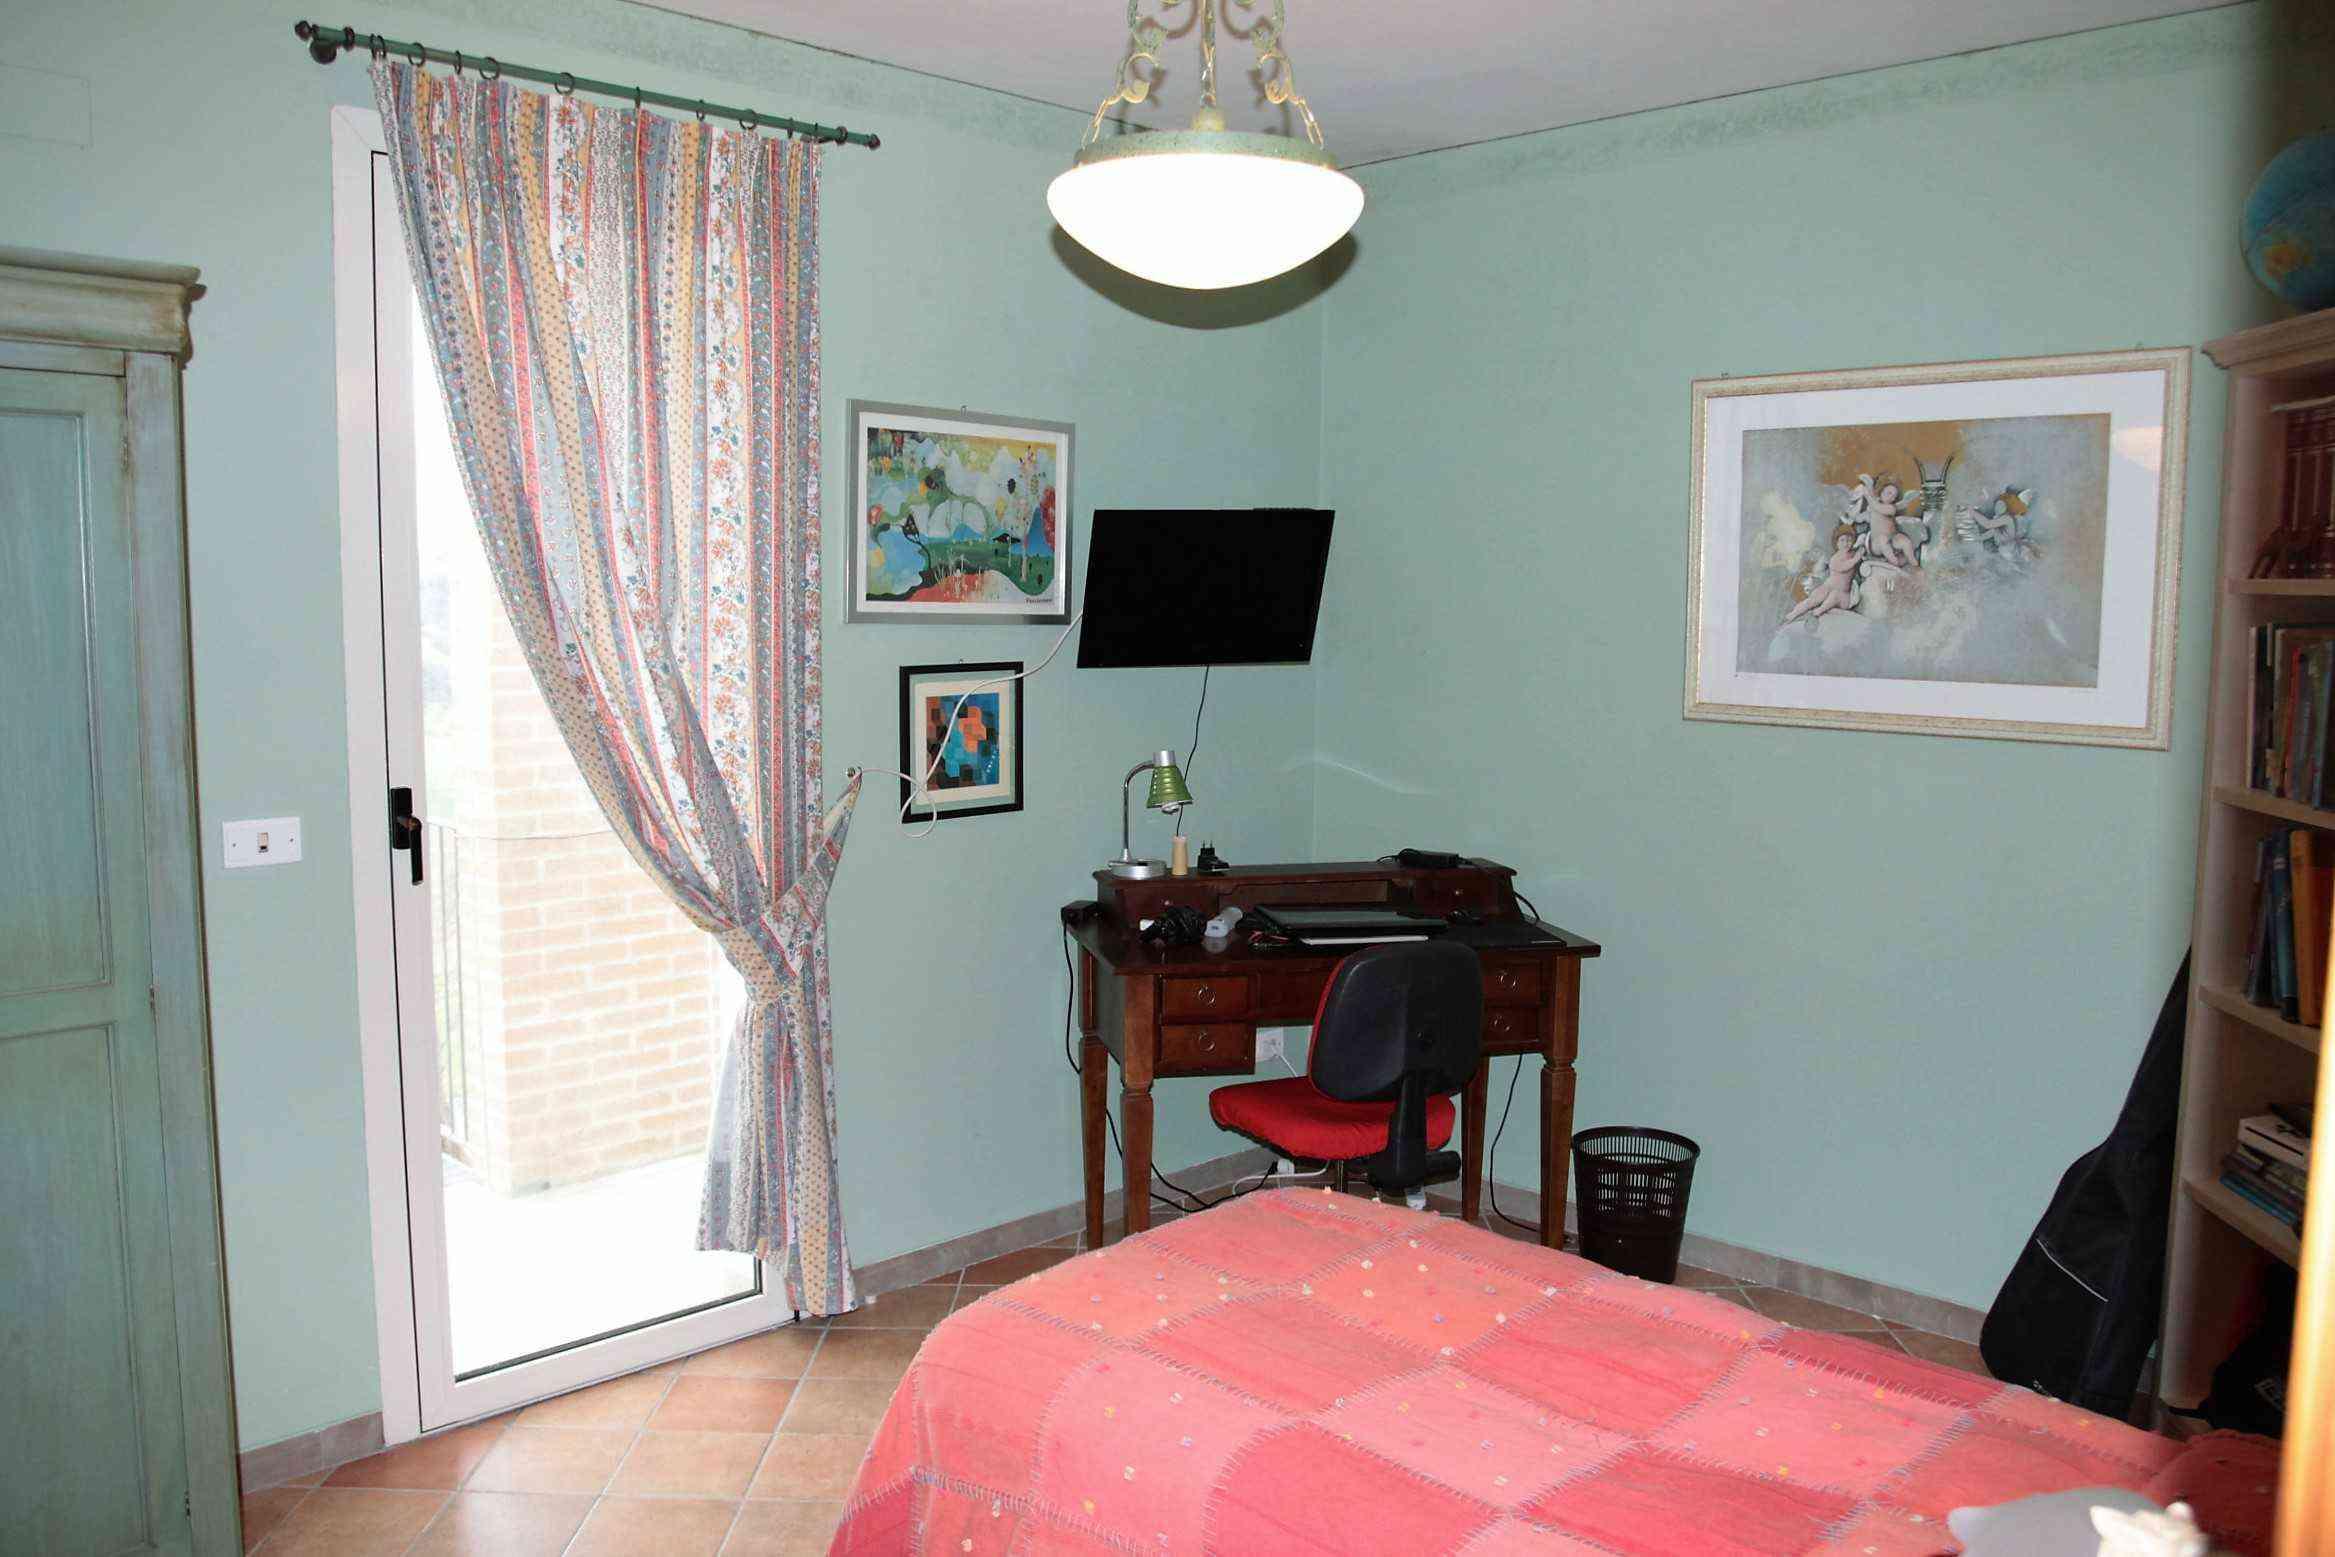 Villa Villa for sale Atri (TE), Villa Paola - Atri - EUR 473.281 210